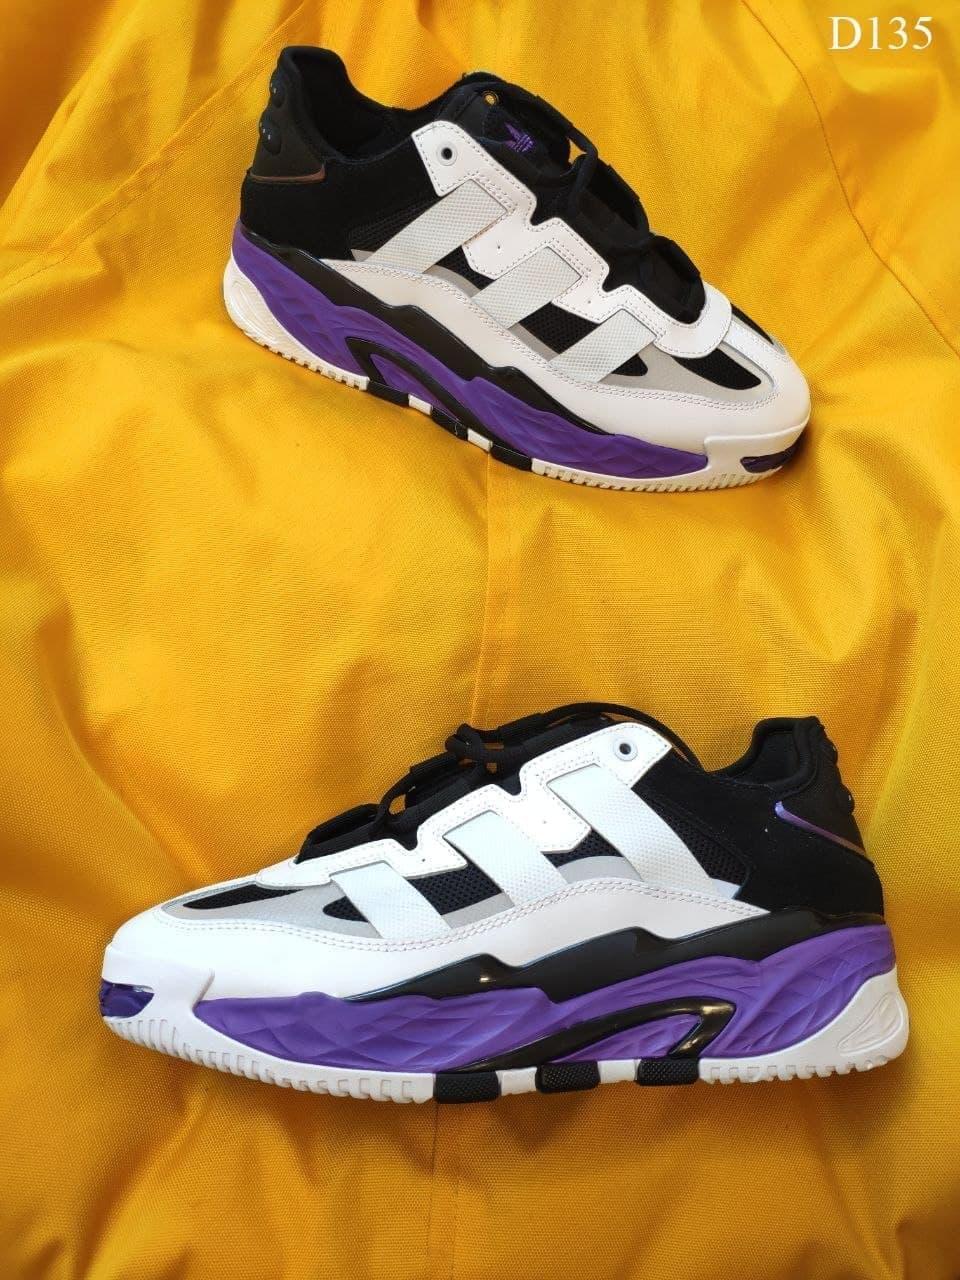 Чоловічі кросівки Adidas Niteball (чорно-фіолетовий) D135 молодіжні модні кроси